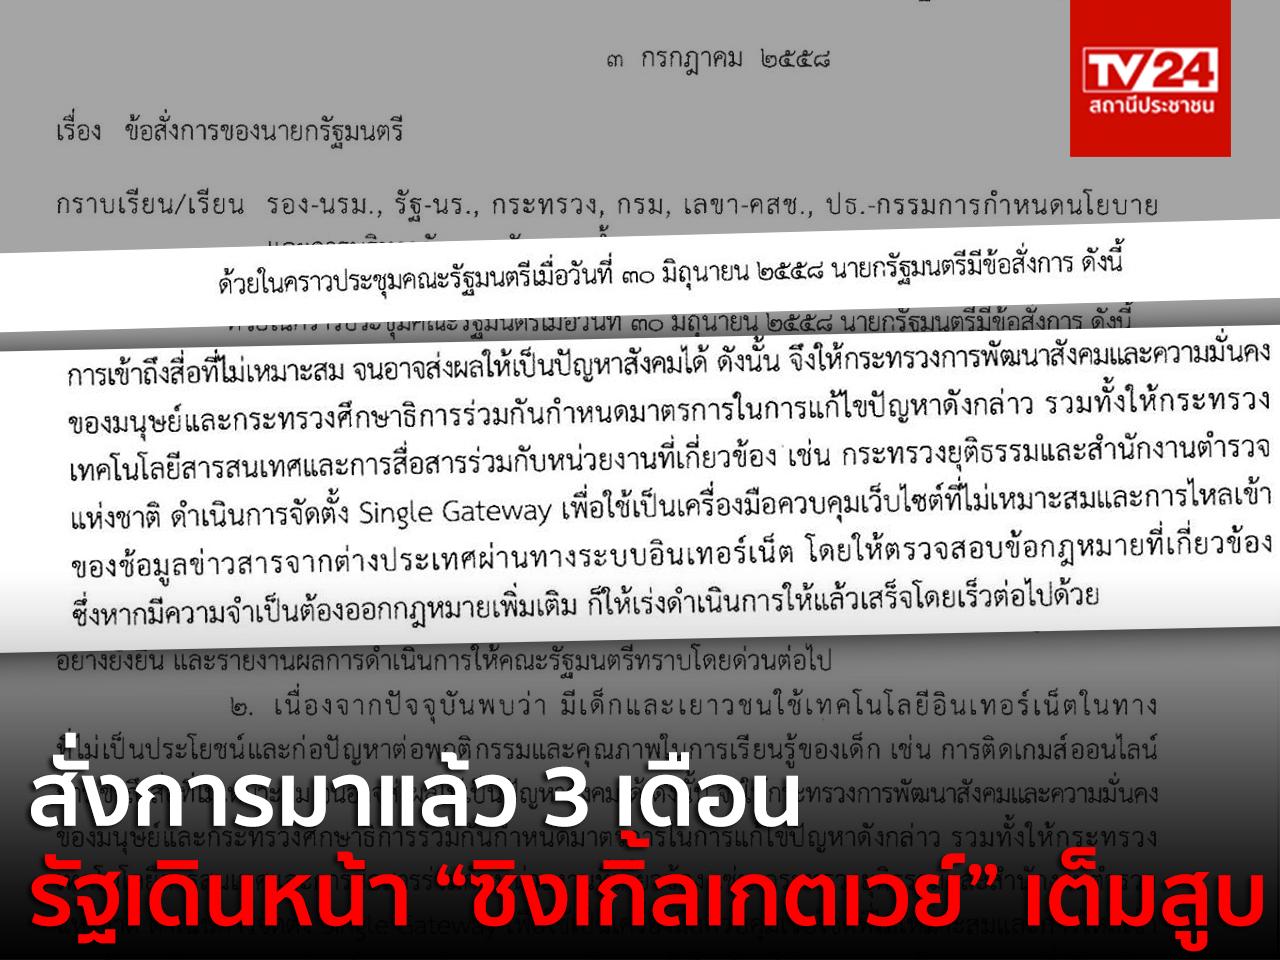 3 หีเด็ก ม 3 ... หรือดักจับข้อมูลของทางรัฐบาลผ่านทางซิงเกิ้ลเกตเวย์ ขณะที่ทางการไทย โดย นายอุตตม สาวนายน รัฐมนตรีว่าการกระทรวงเทคโนโลยีสารสนเทศและการสื่อสาร(ไอซีที) ...